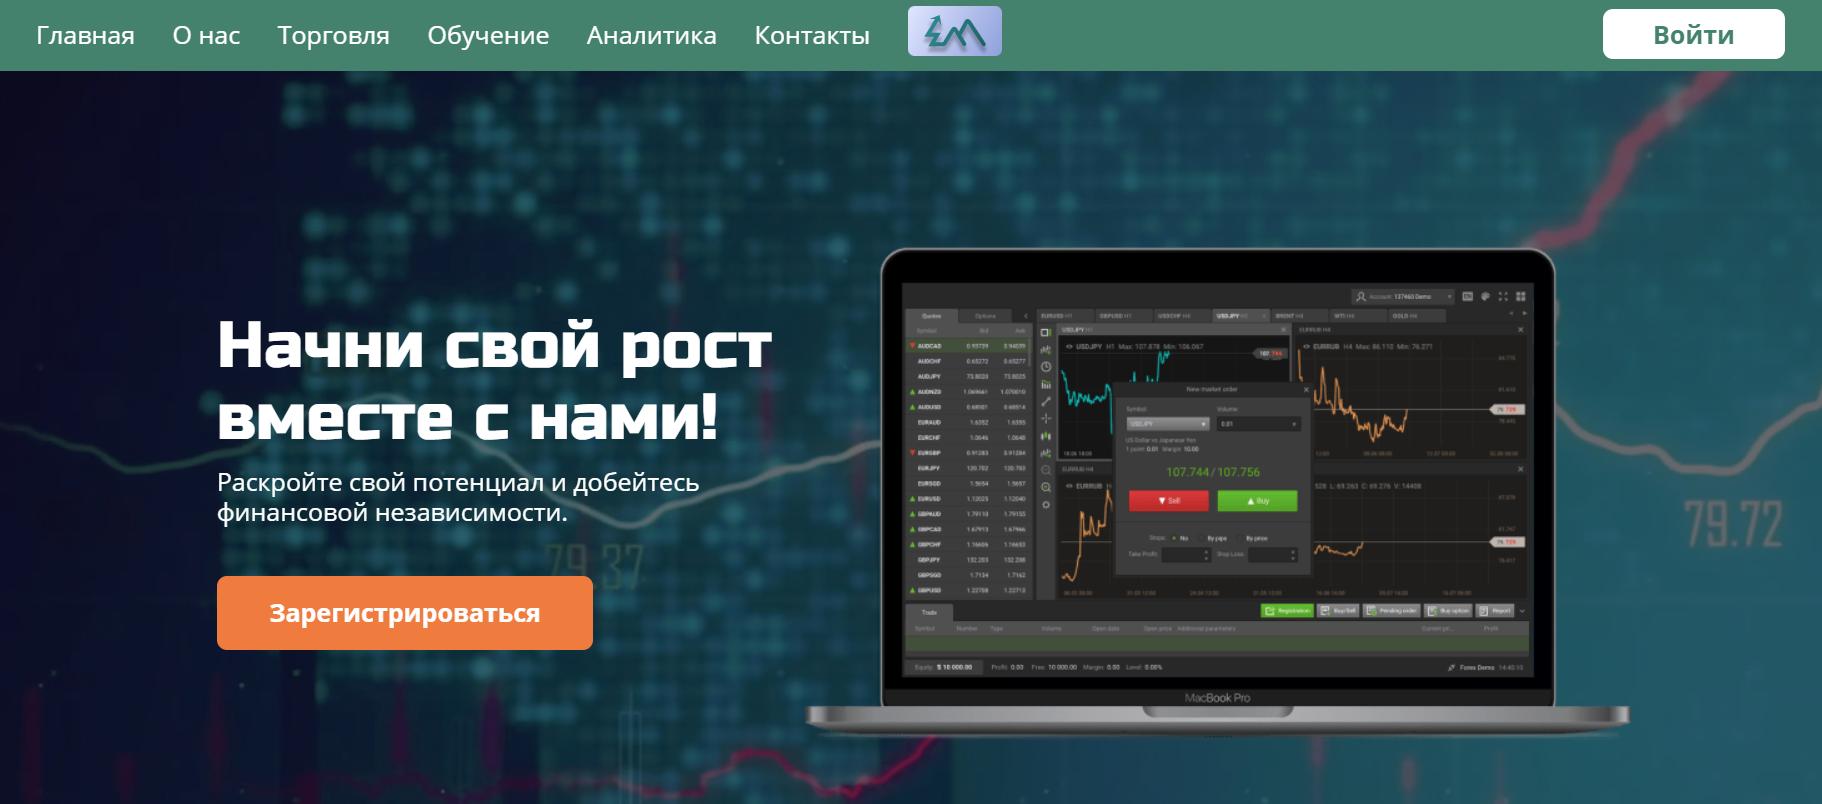 Отзывы об Interactive Markets. Надежный брокер или обычный обман? реальные отзывы